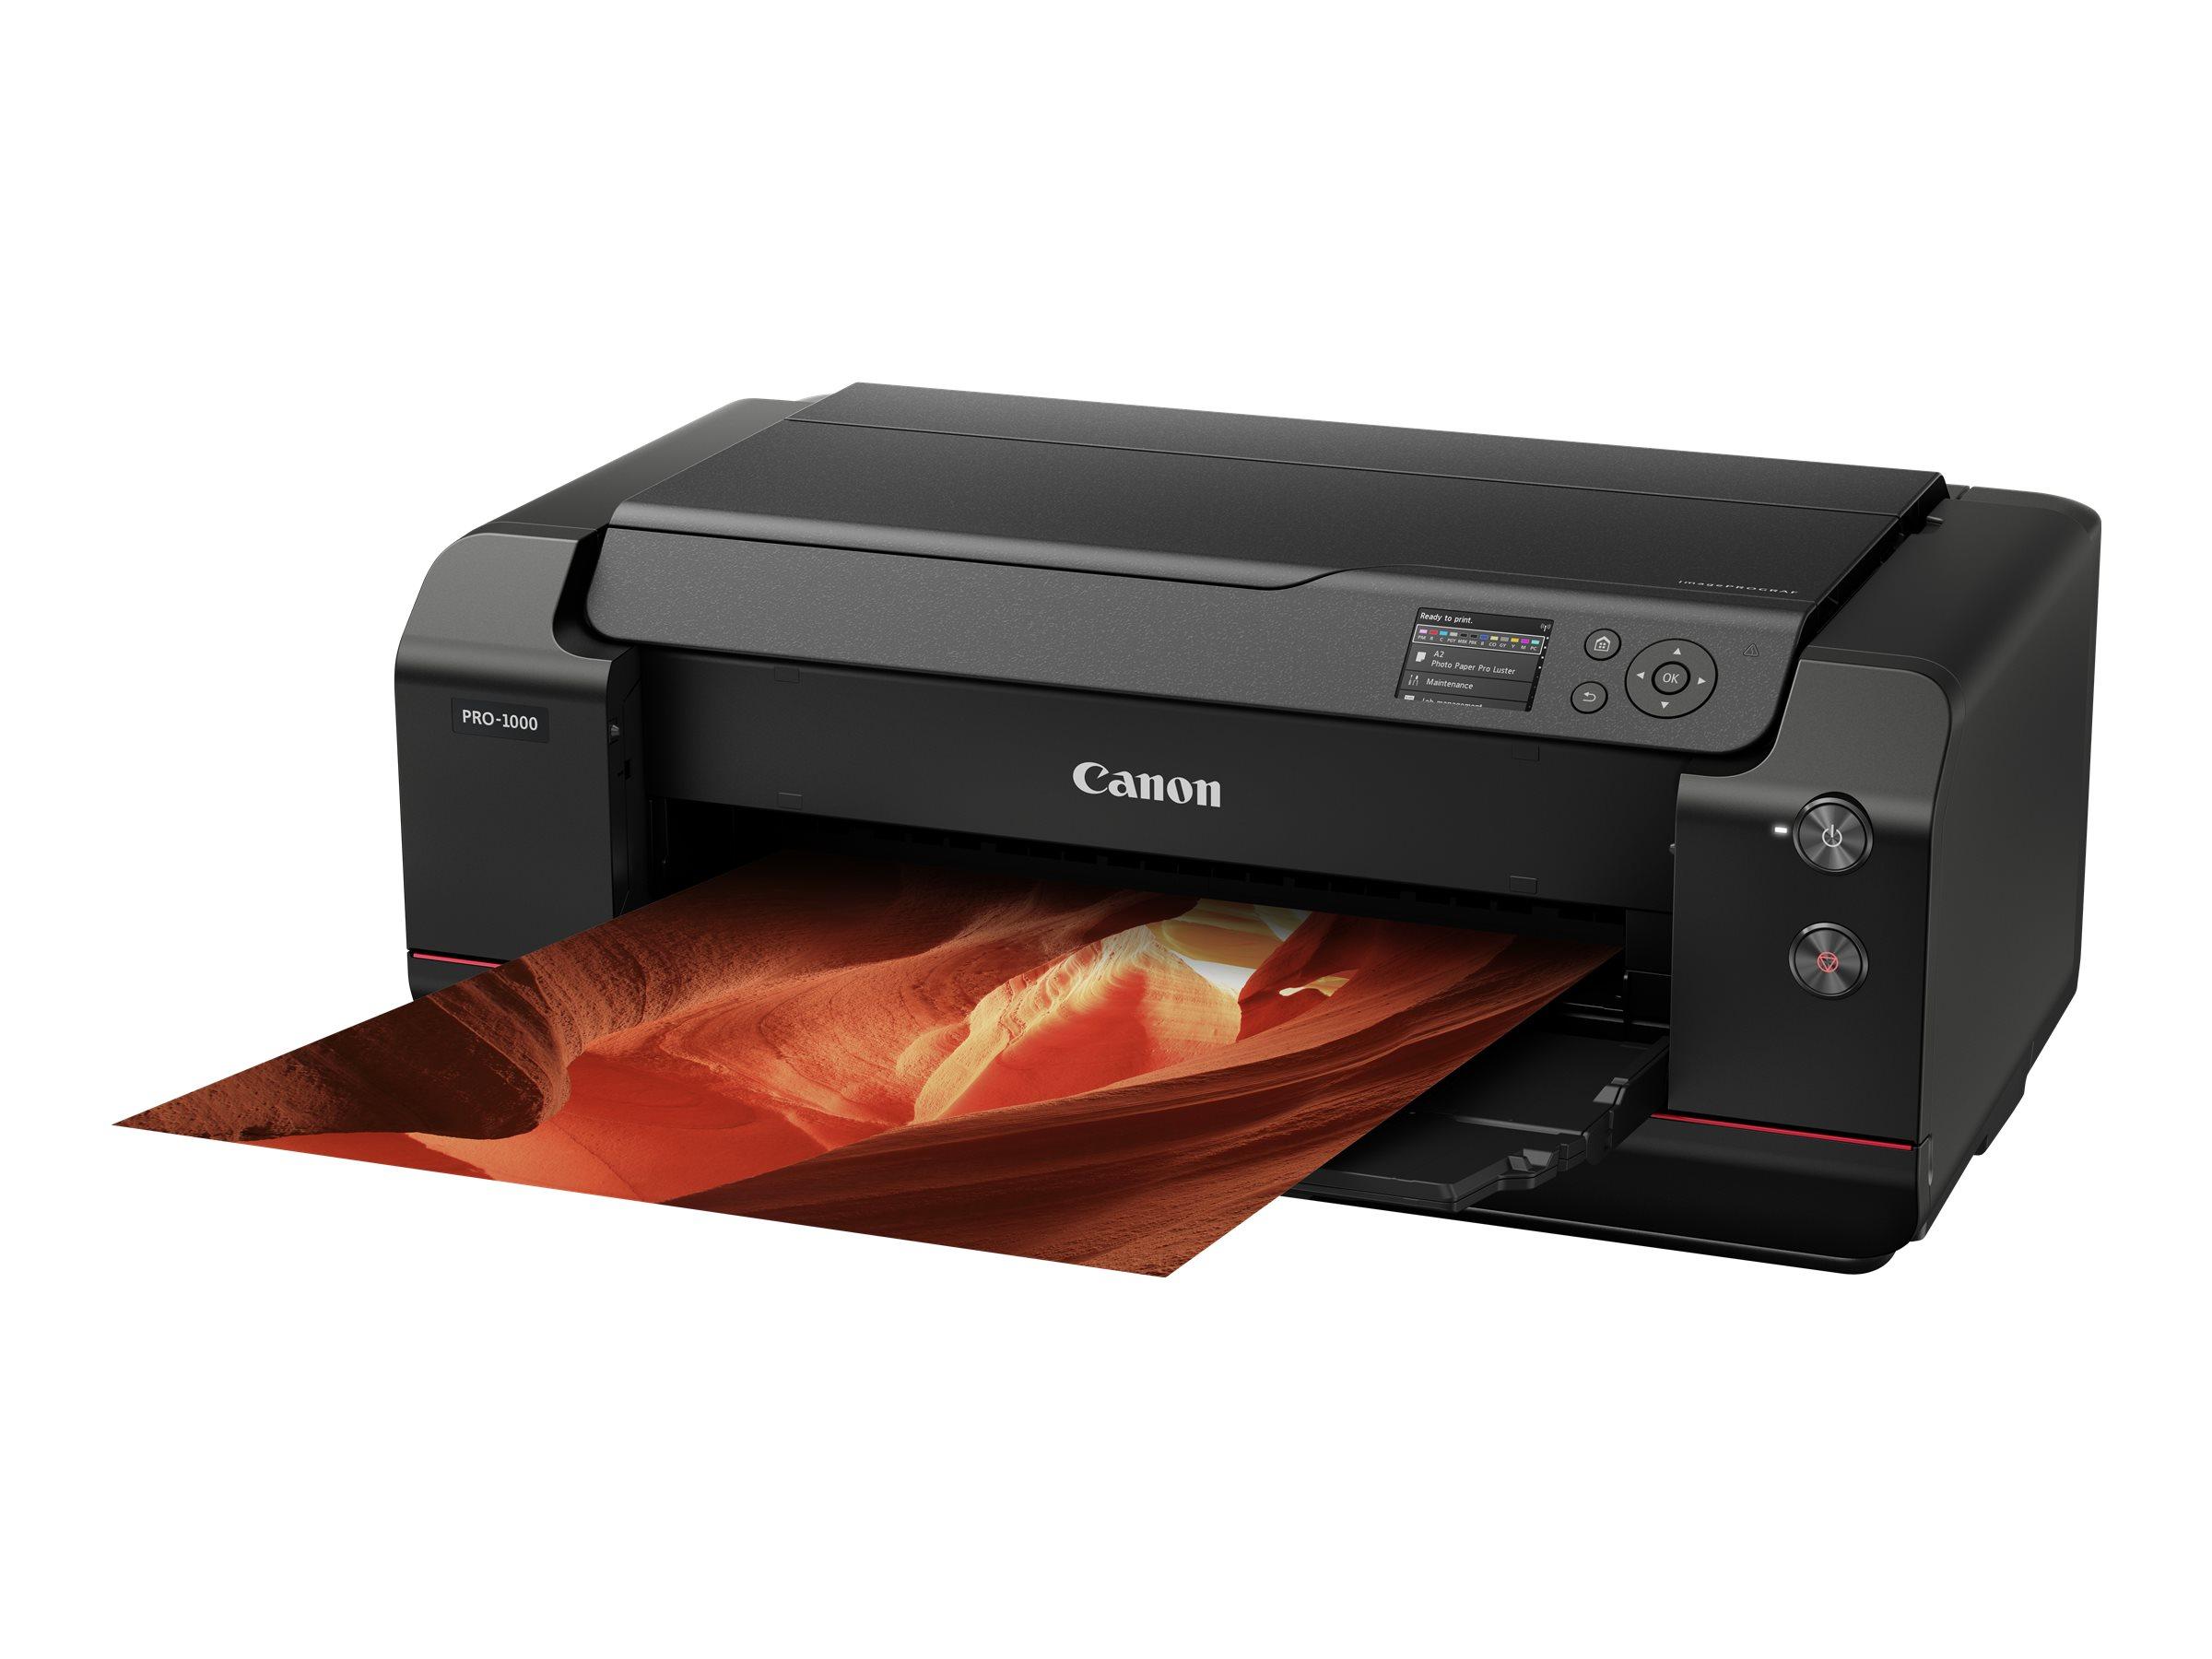 Canon imagePROGRAF PRO-1000 - Drucker - Farbe - Tintenstrahl - 431.8 x 558.8 mm bis zu 3.58 Min./Seite (Farbe) - USB 2.0, LAN, W